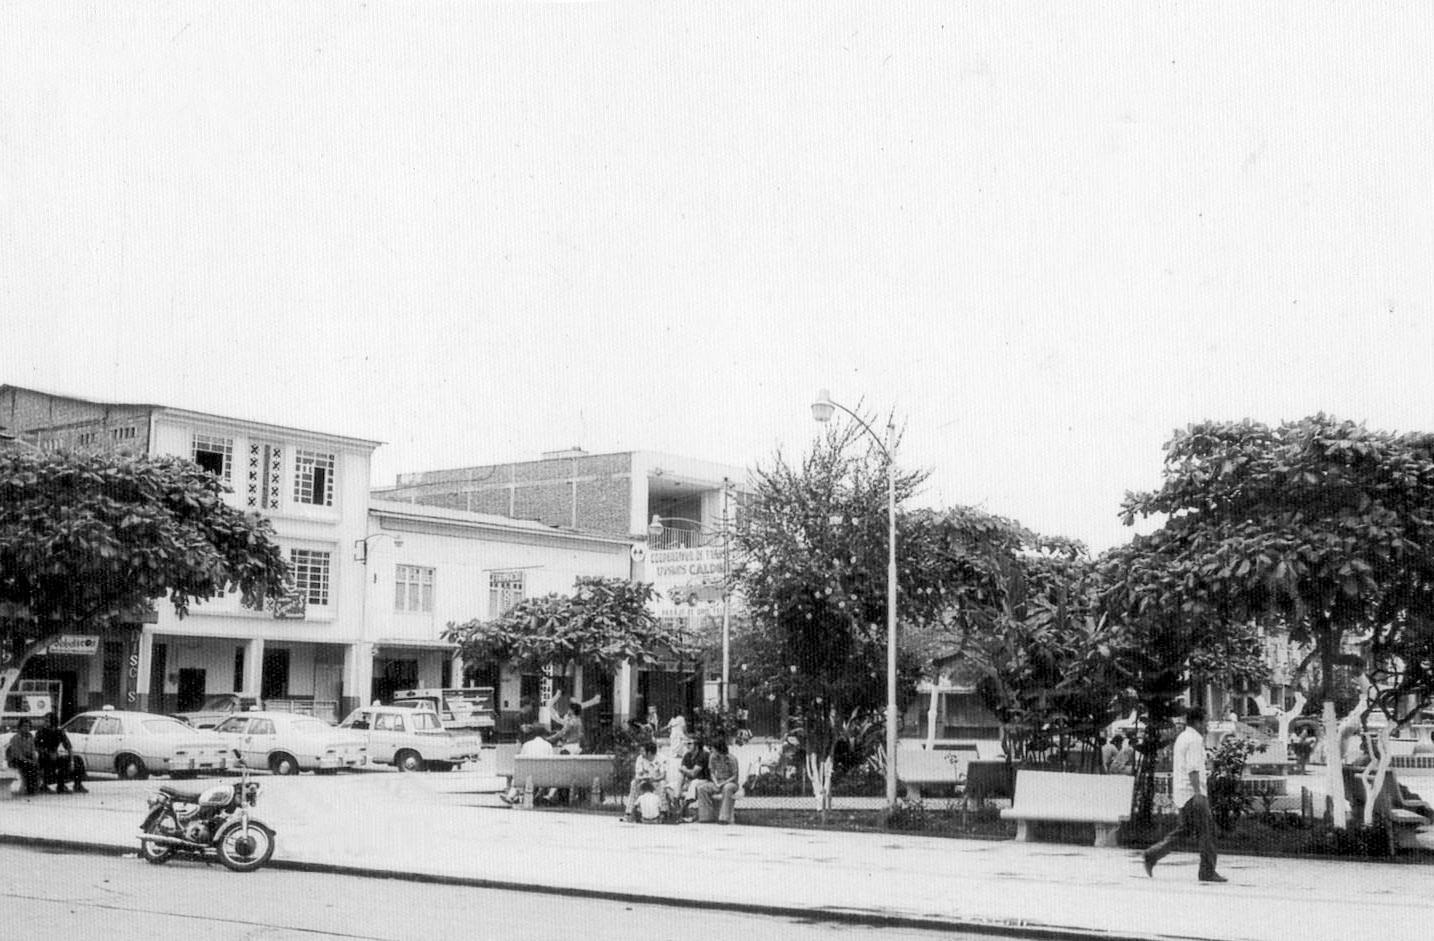 Parque-Calderon-desde-calle-municipalida